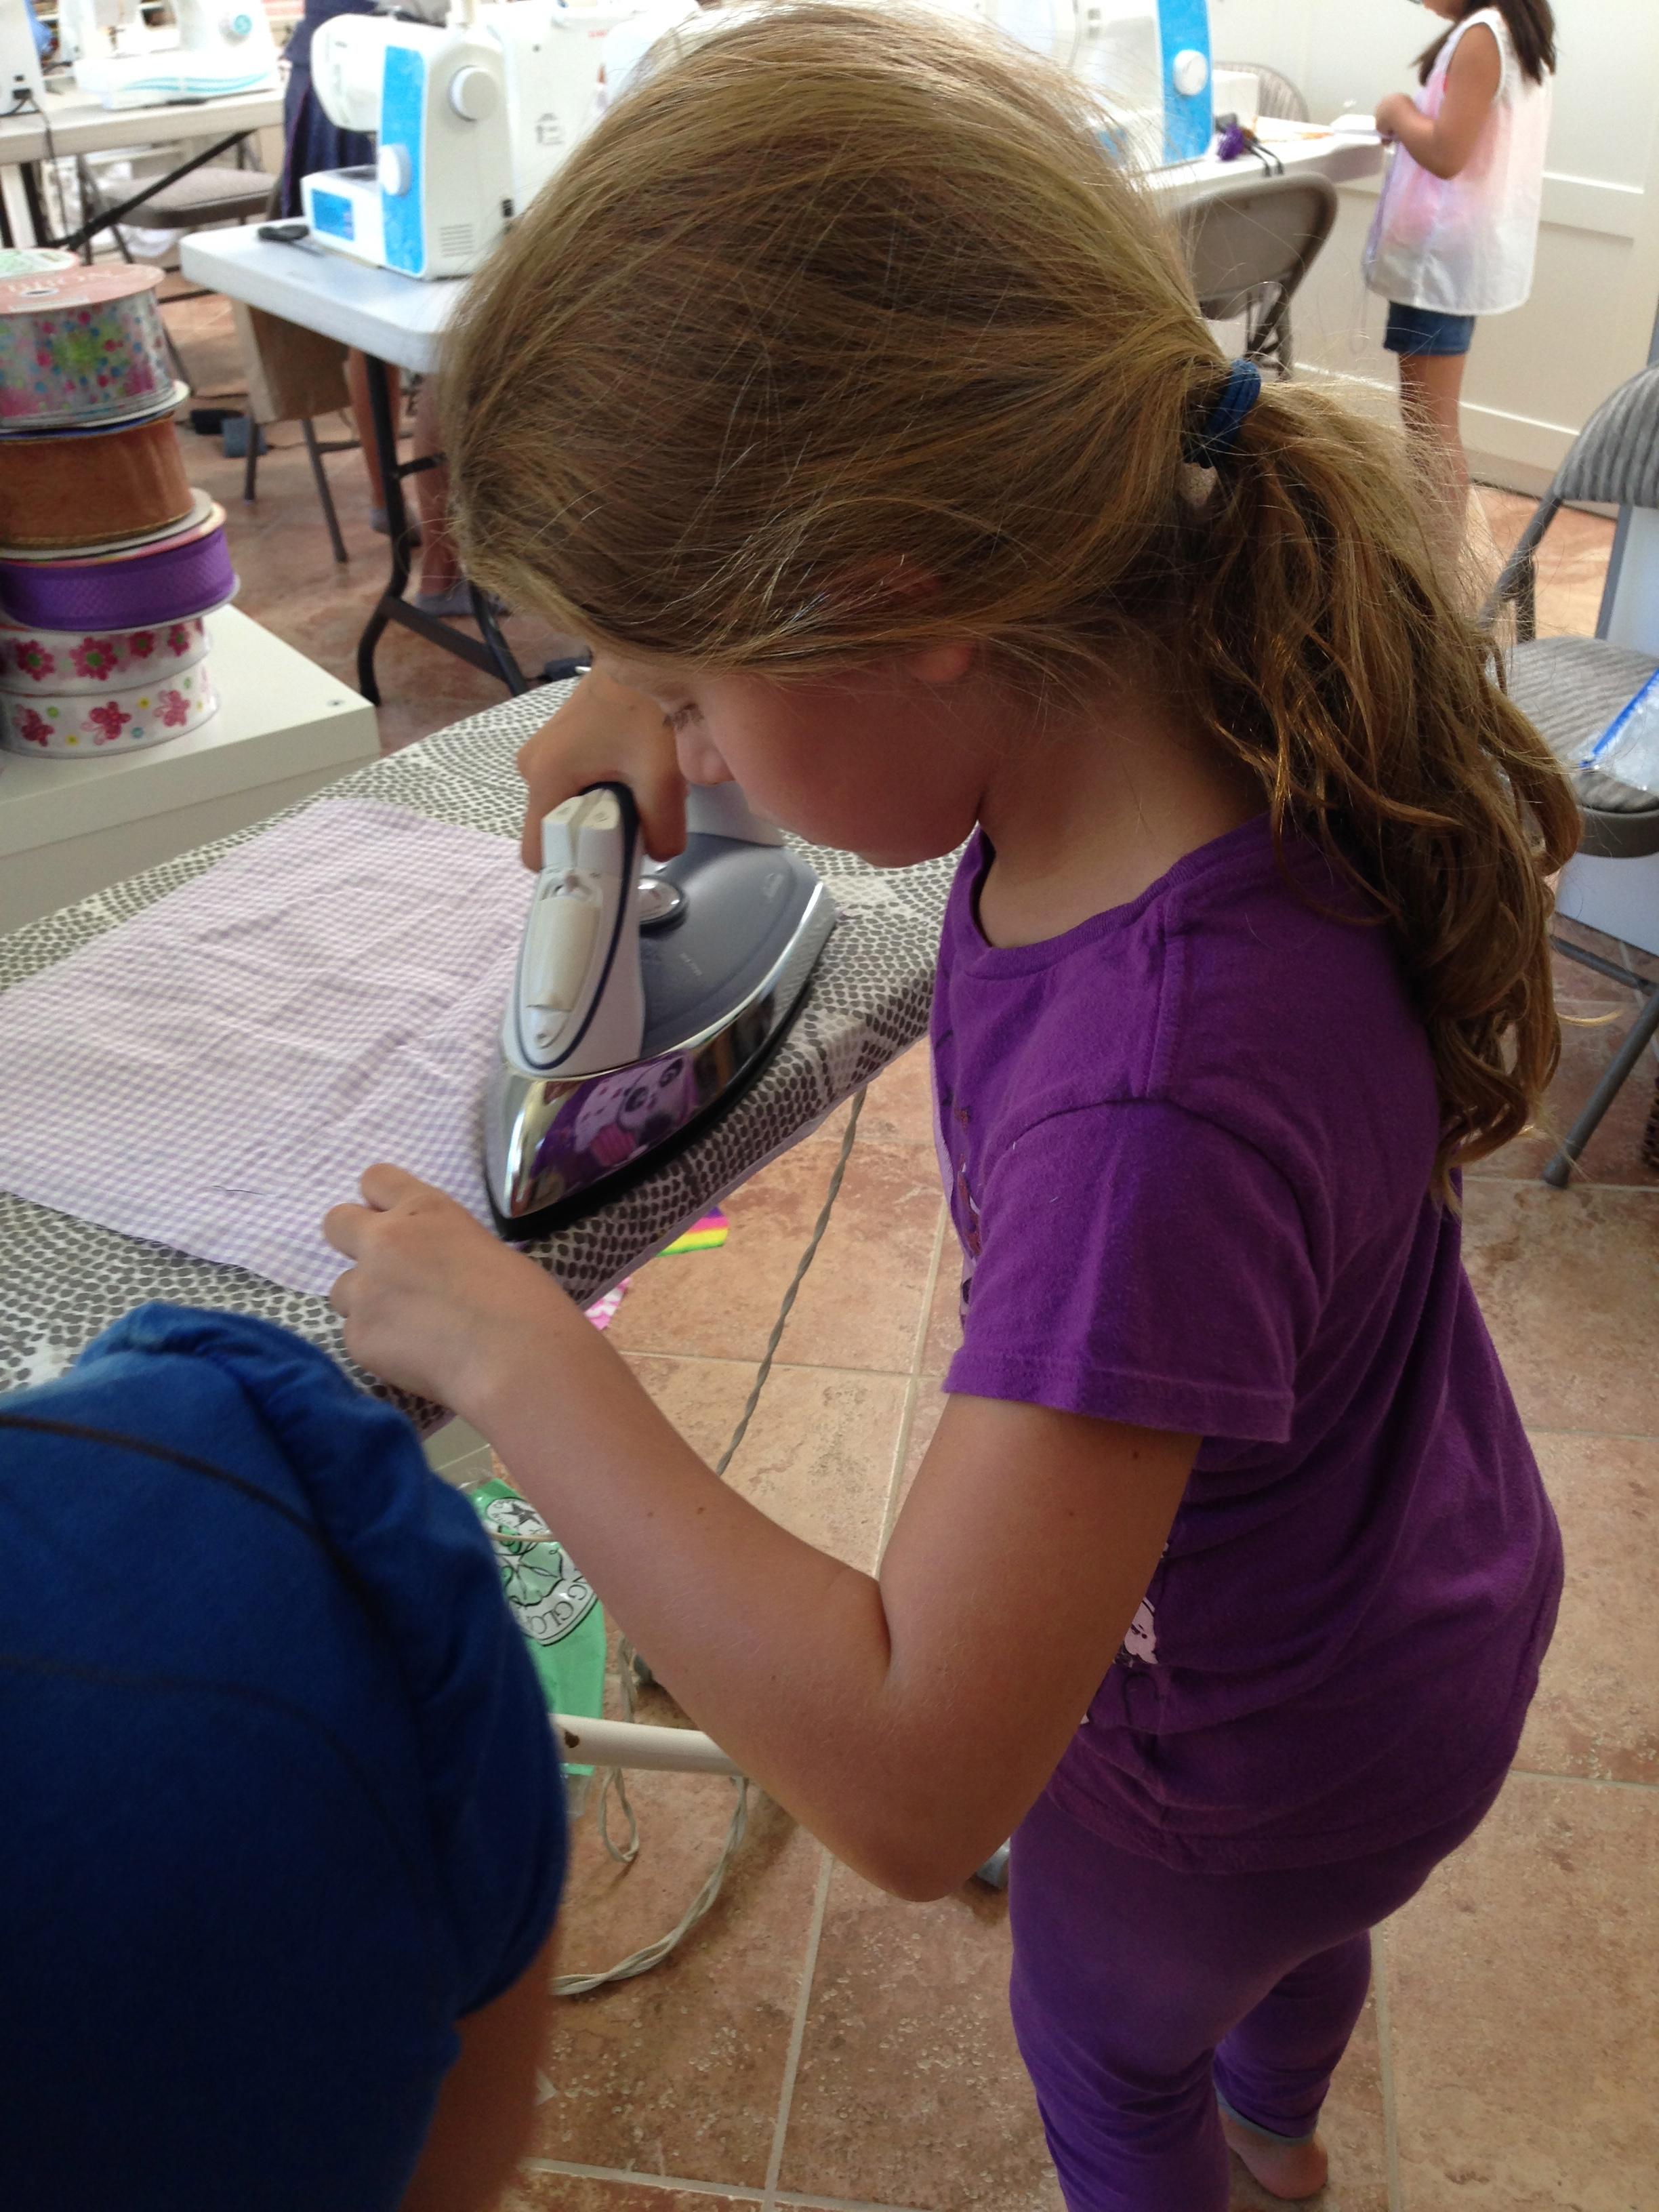 More fun ironing.